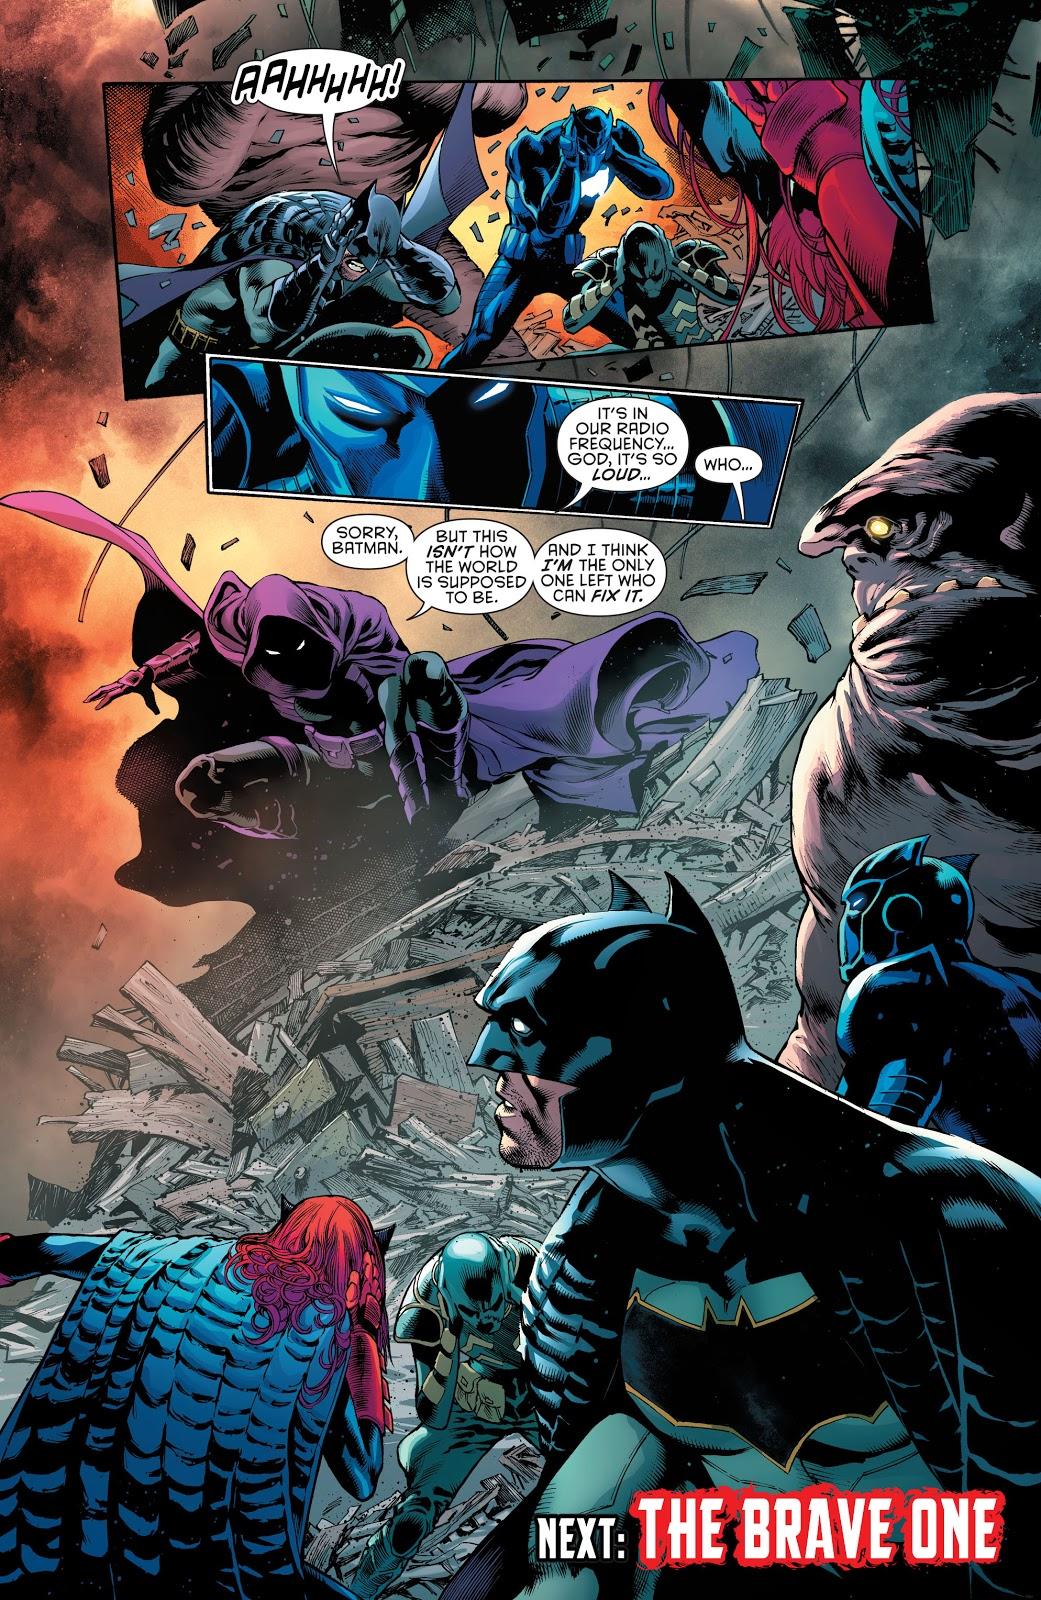 The Spoiler (Detective Comics Vol. 1 #946)